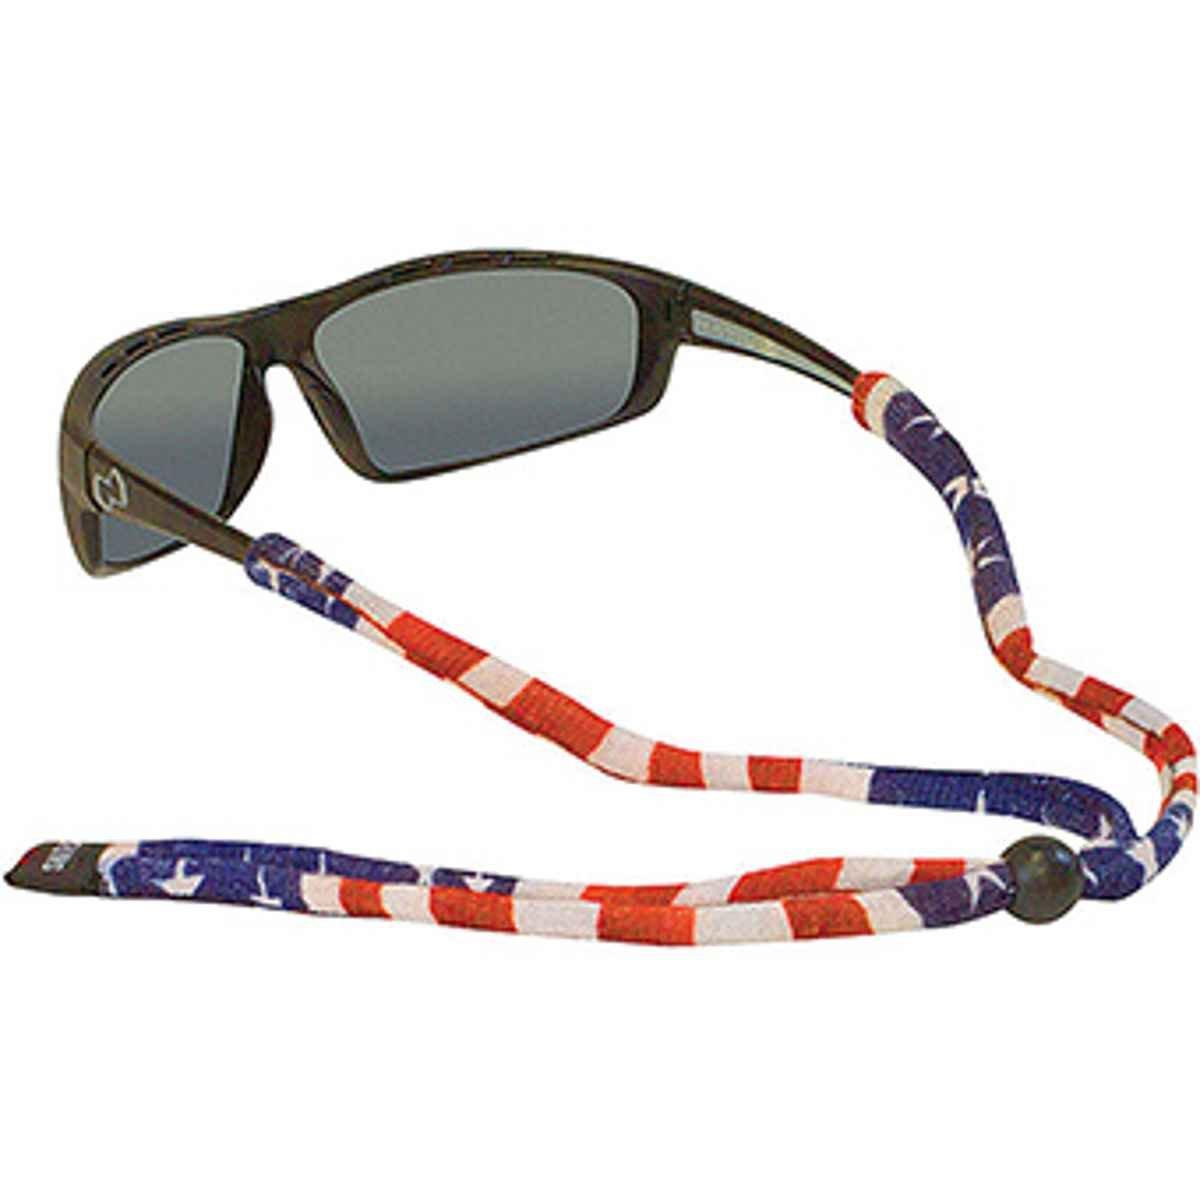 26486e7b82b1 Amazon.com  Chums Original USA Flag  Sports   Outdoors